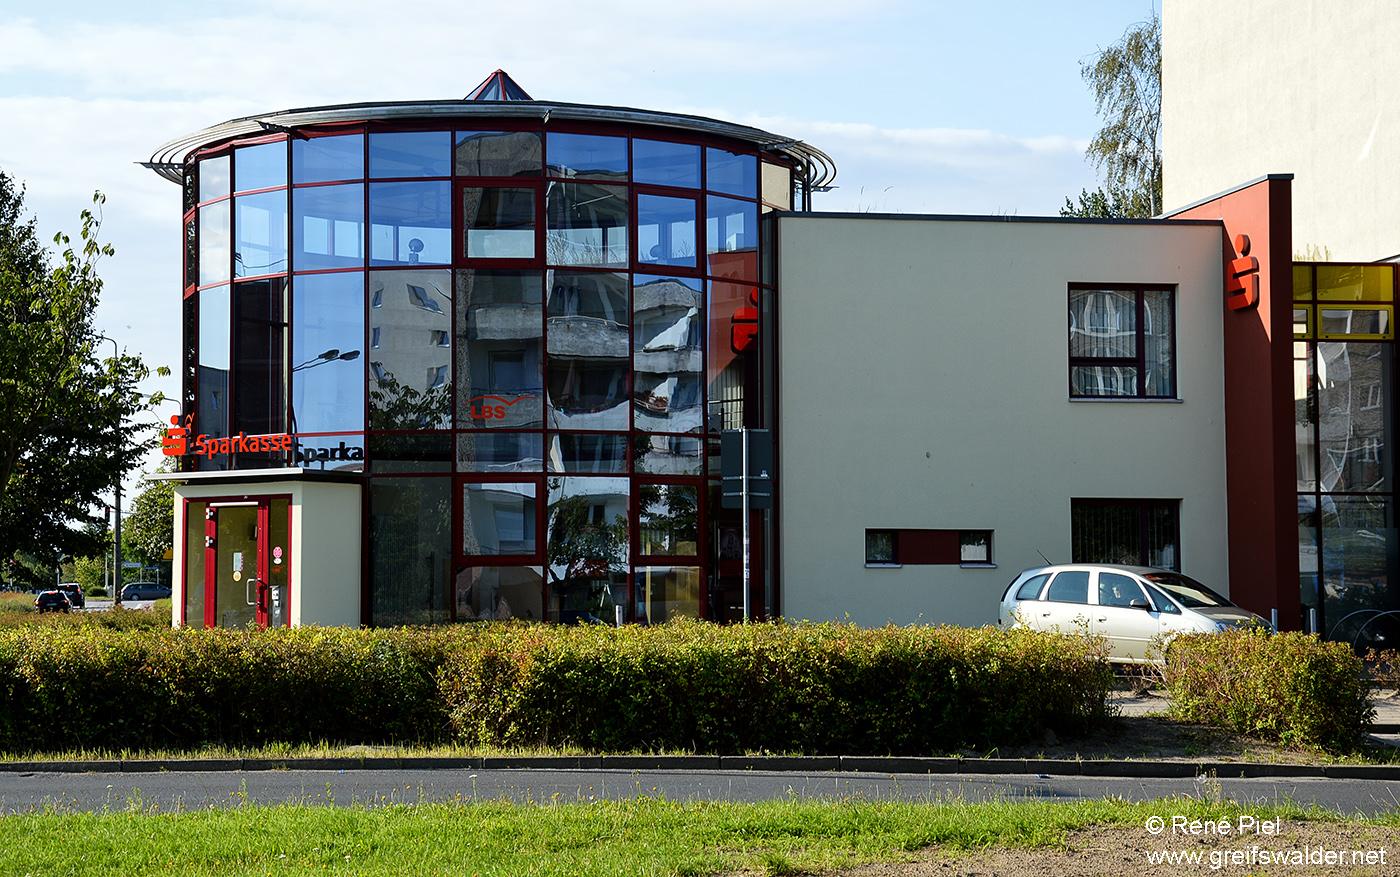 Greifswald - Sparkasse in der Heinrich-Hertz-Straße